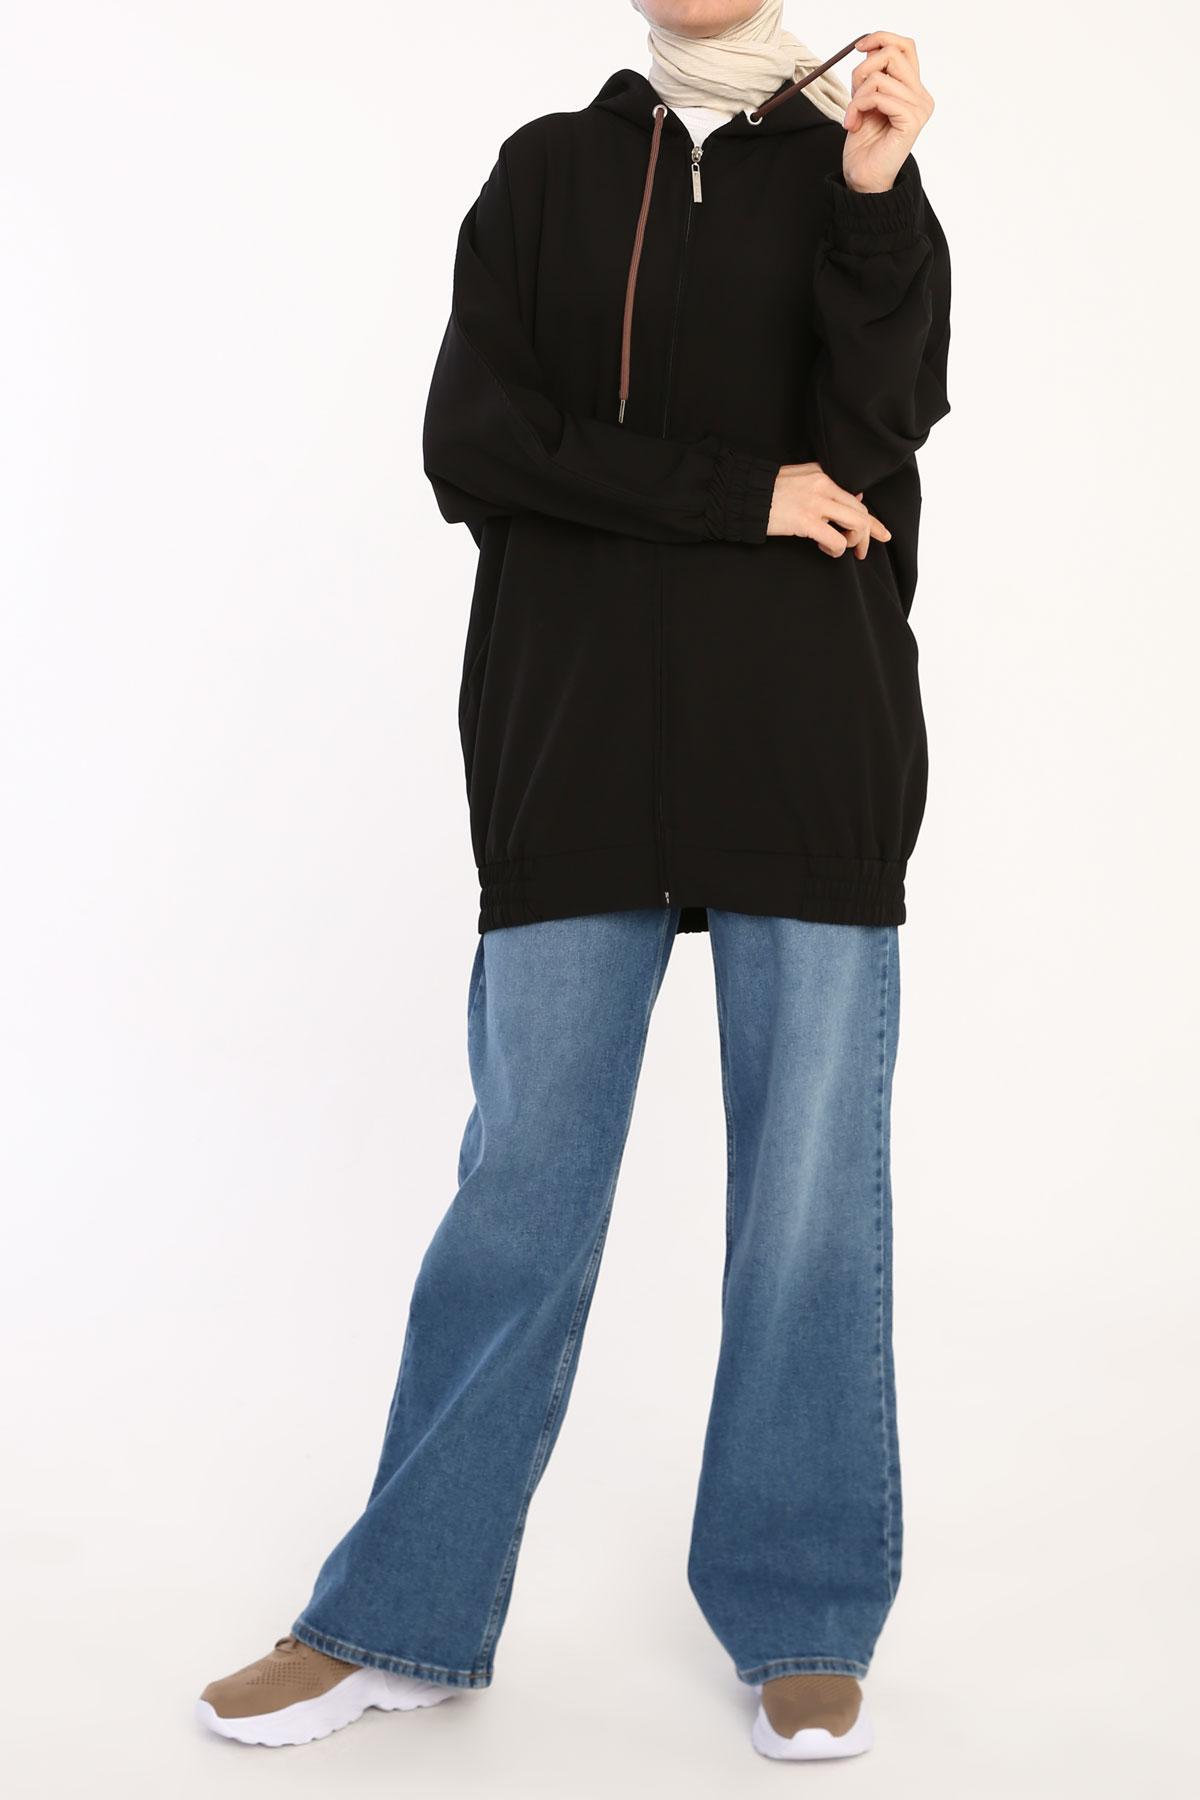 Zipper Front Comfy Hooded Cardigan